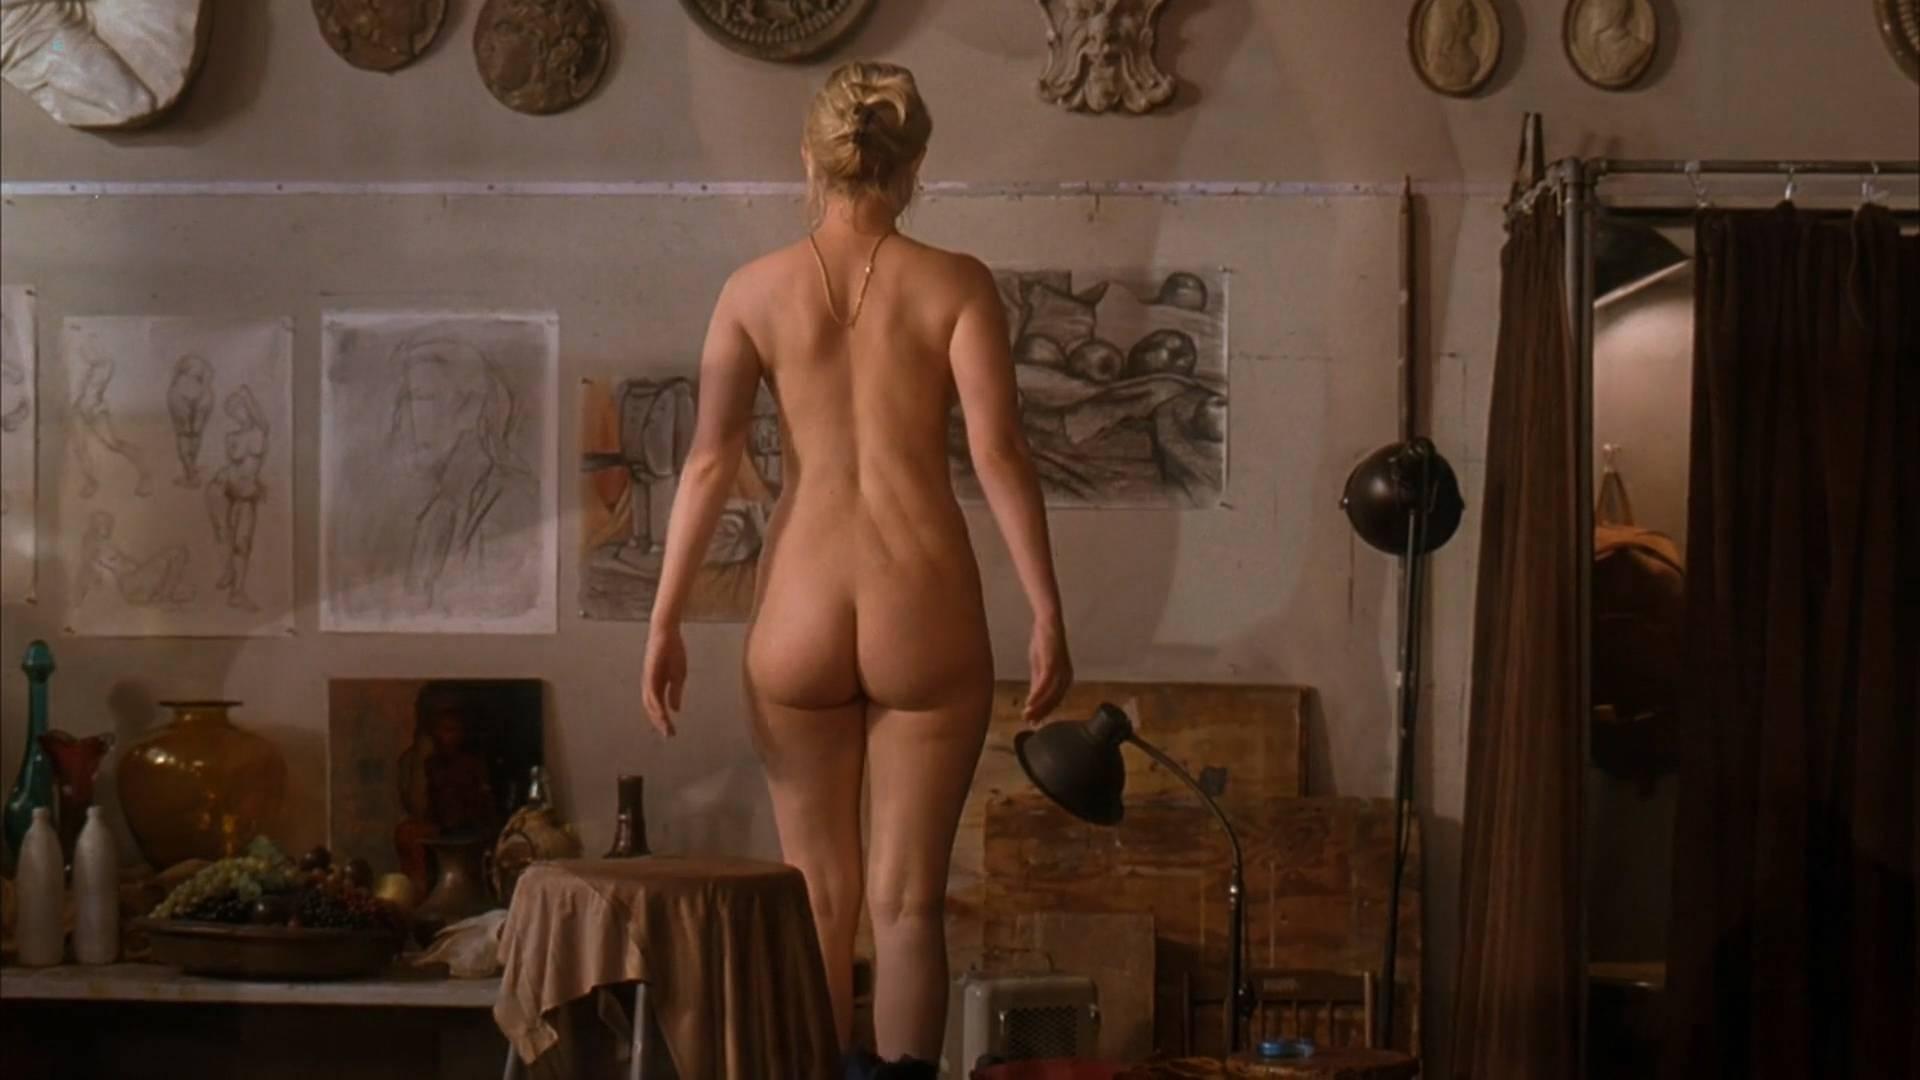 sophia myles nude pics